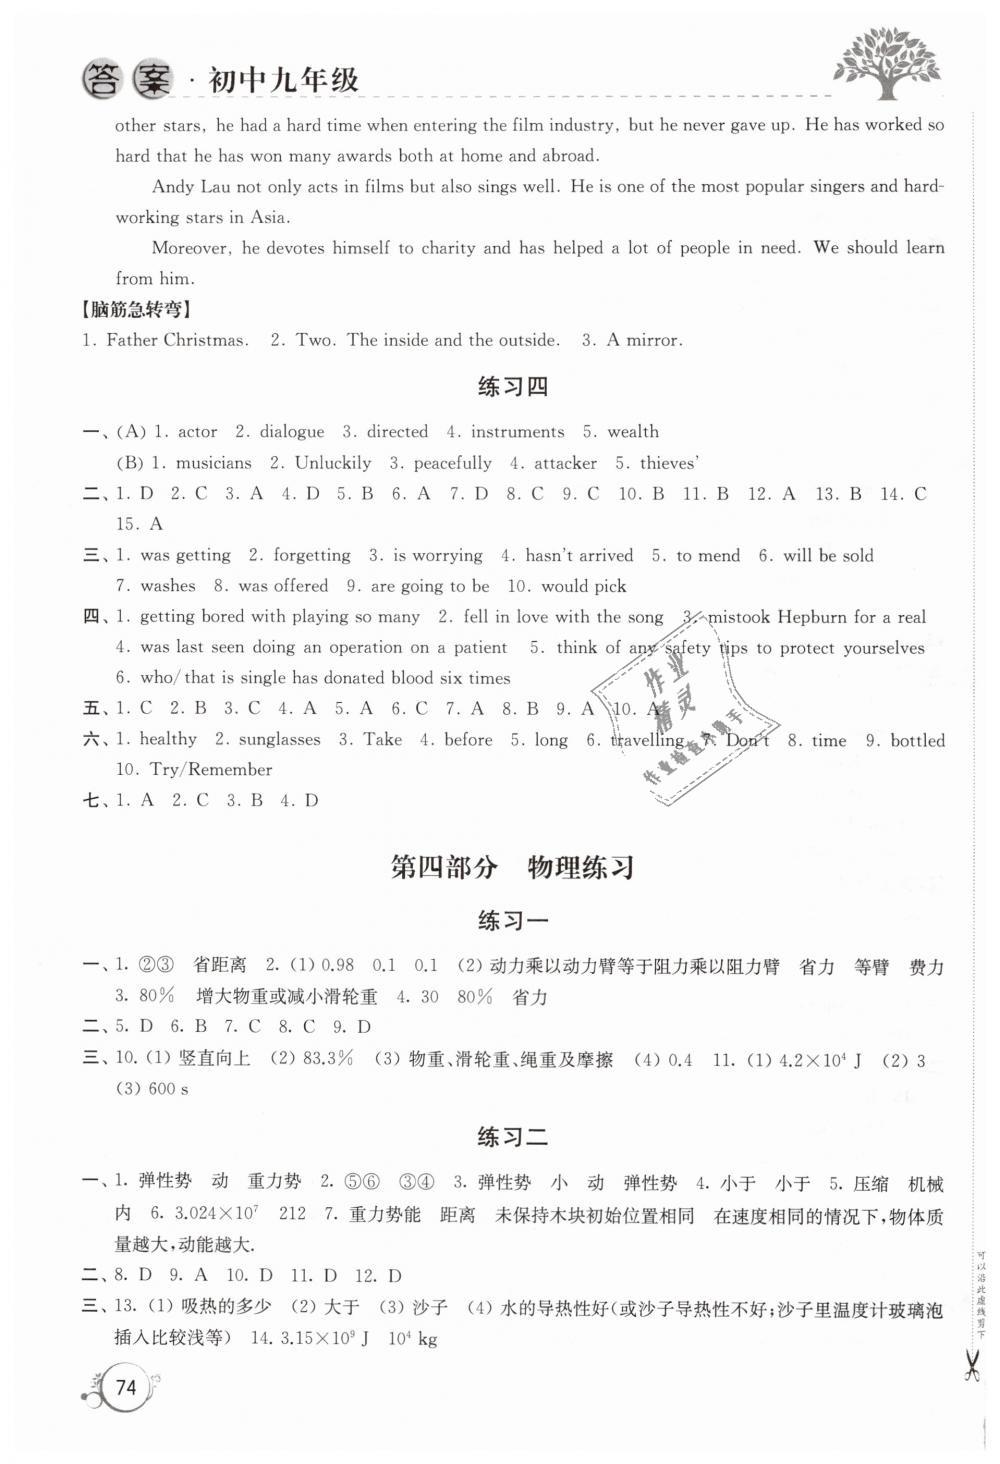 2019年寒假综合学习初中九译林生活初中版译十大四川名年级图片